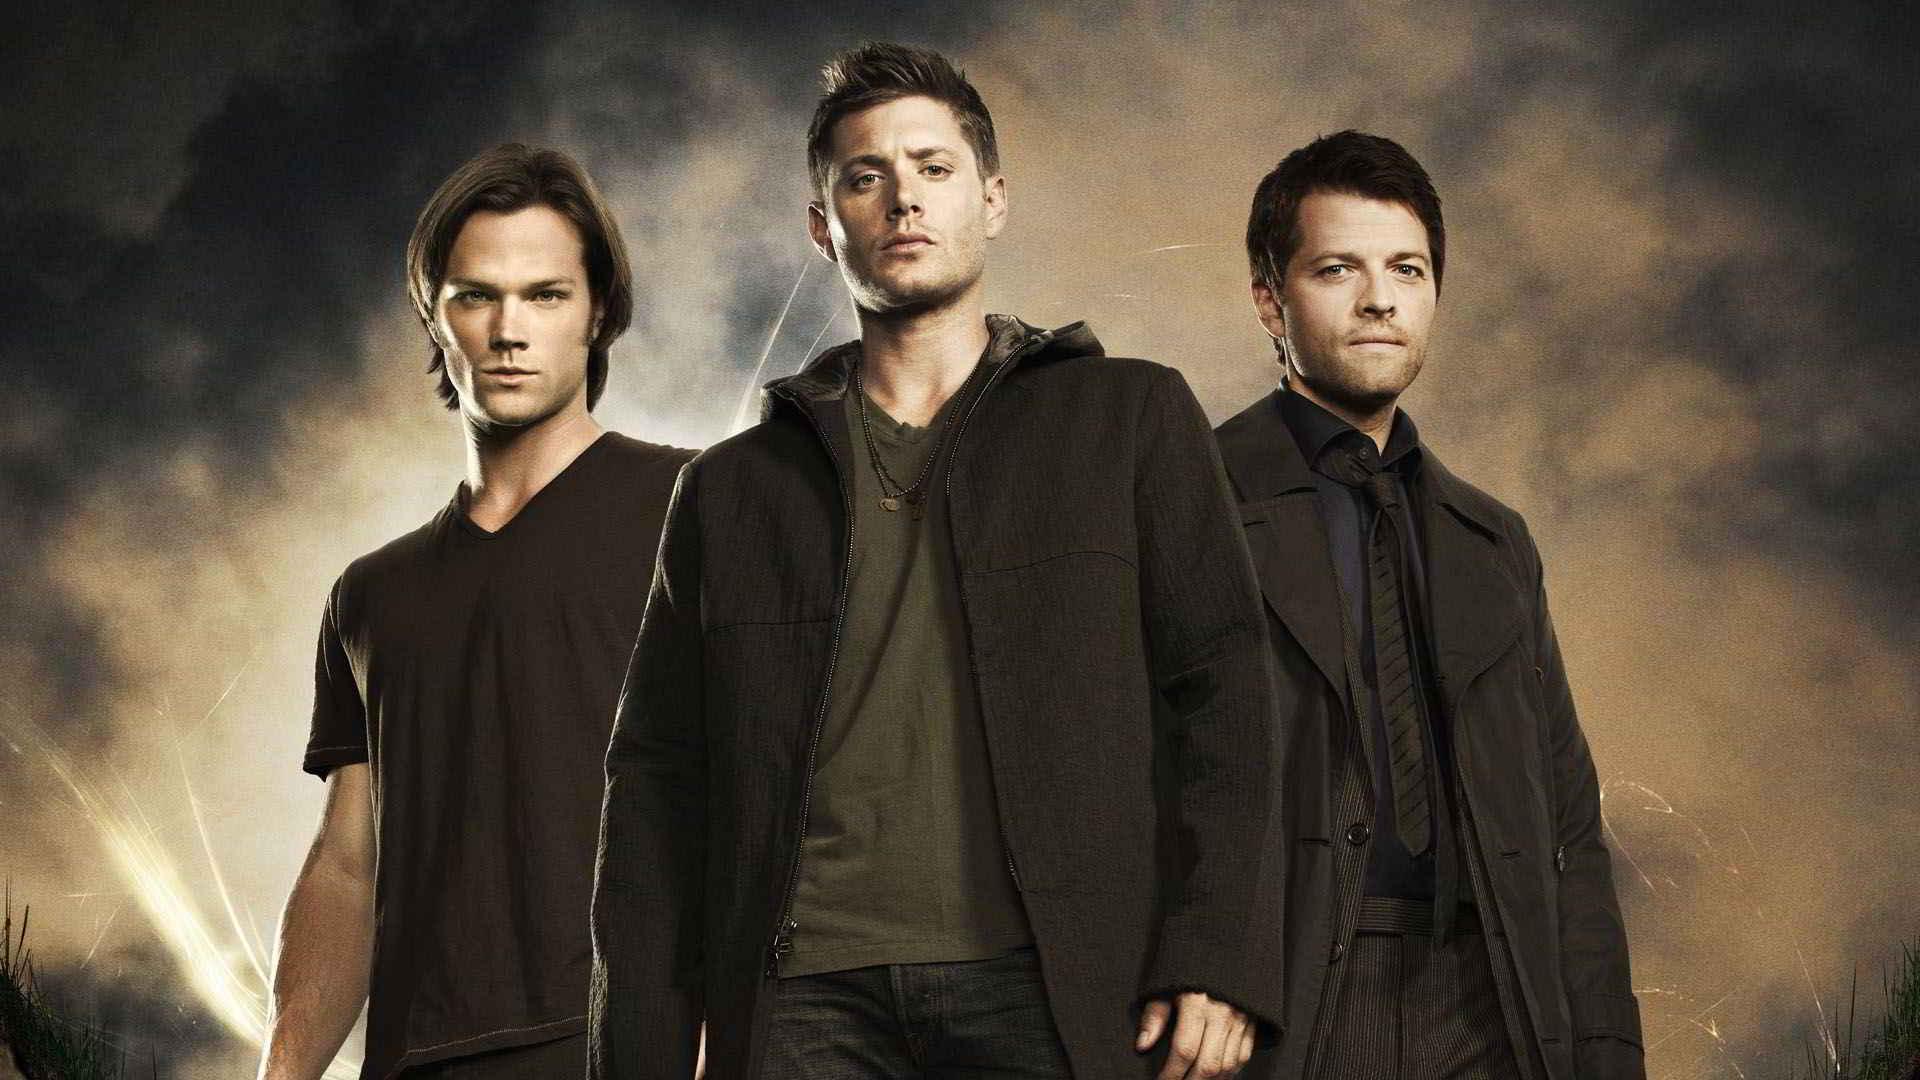 Addio a Supernatural con la quindicesima stagione